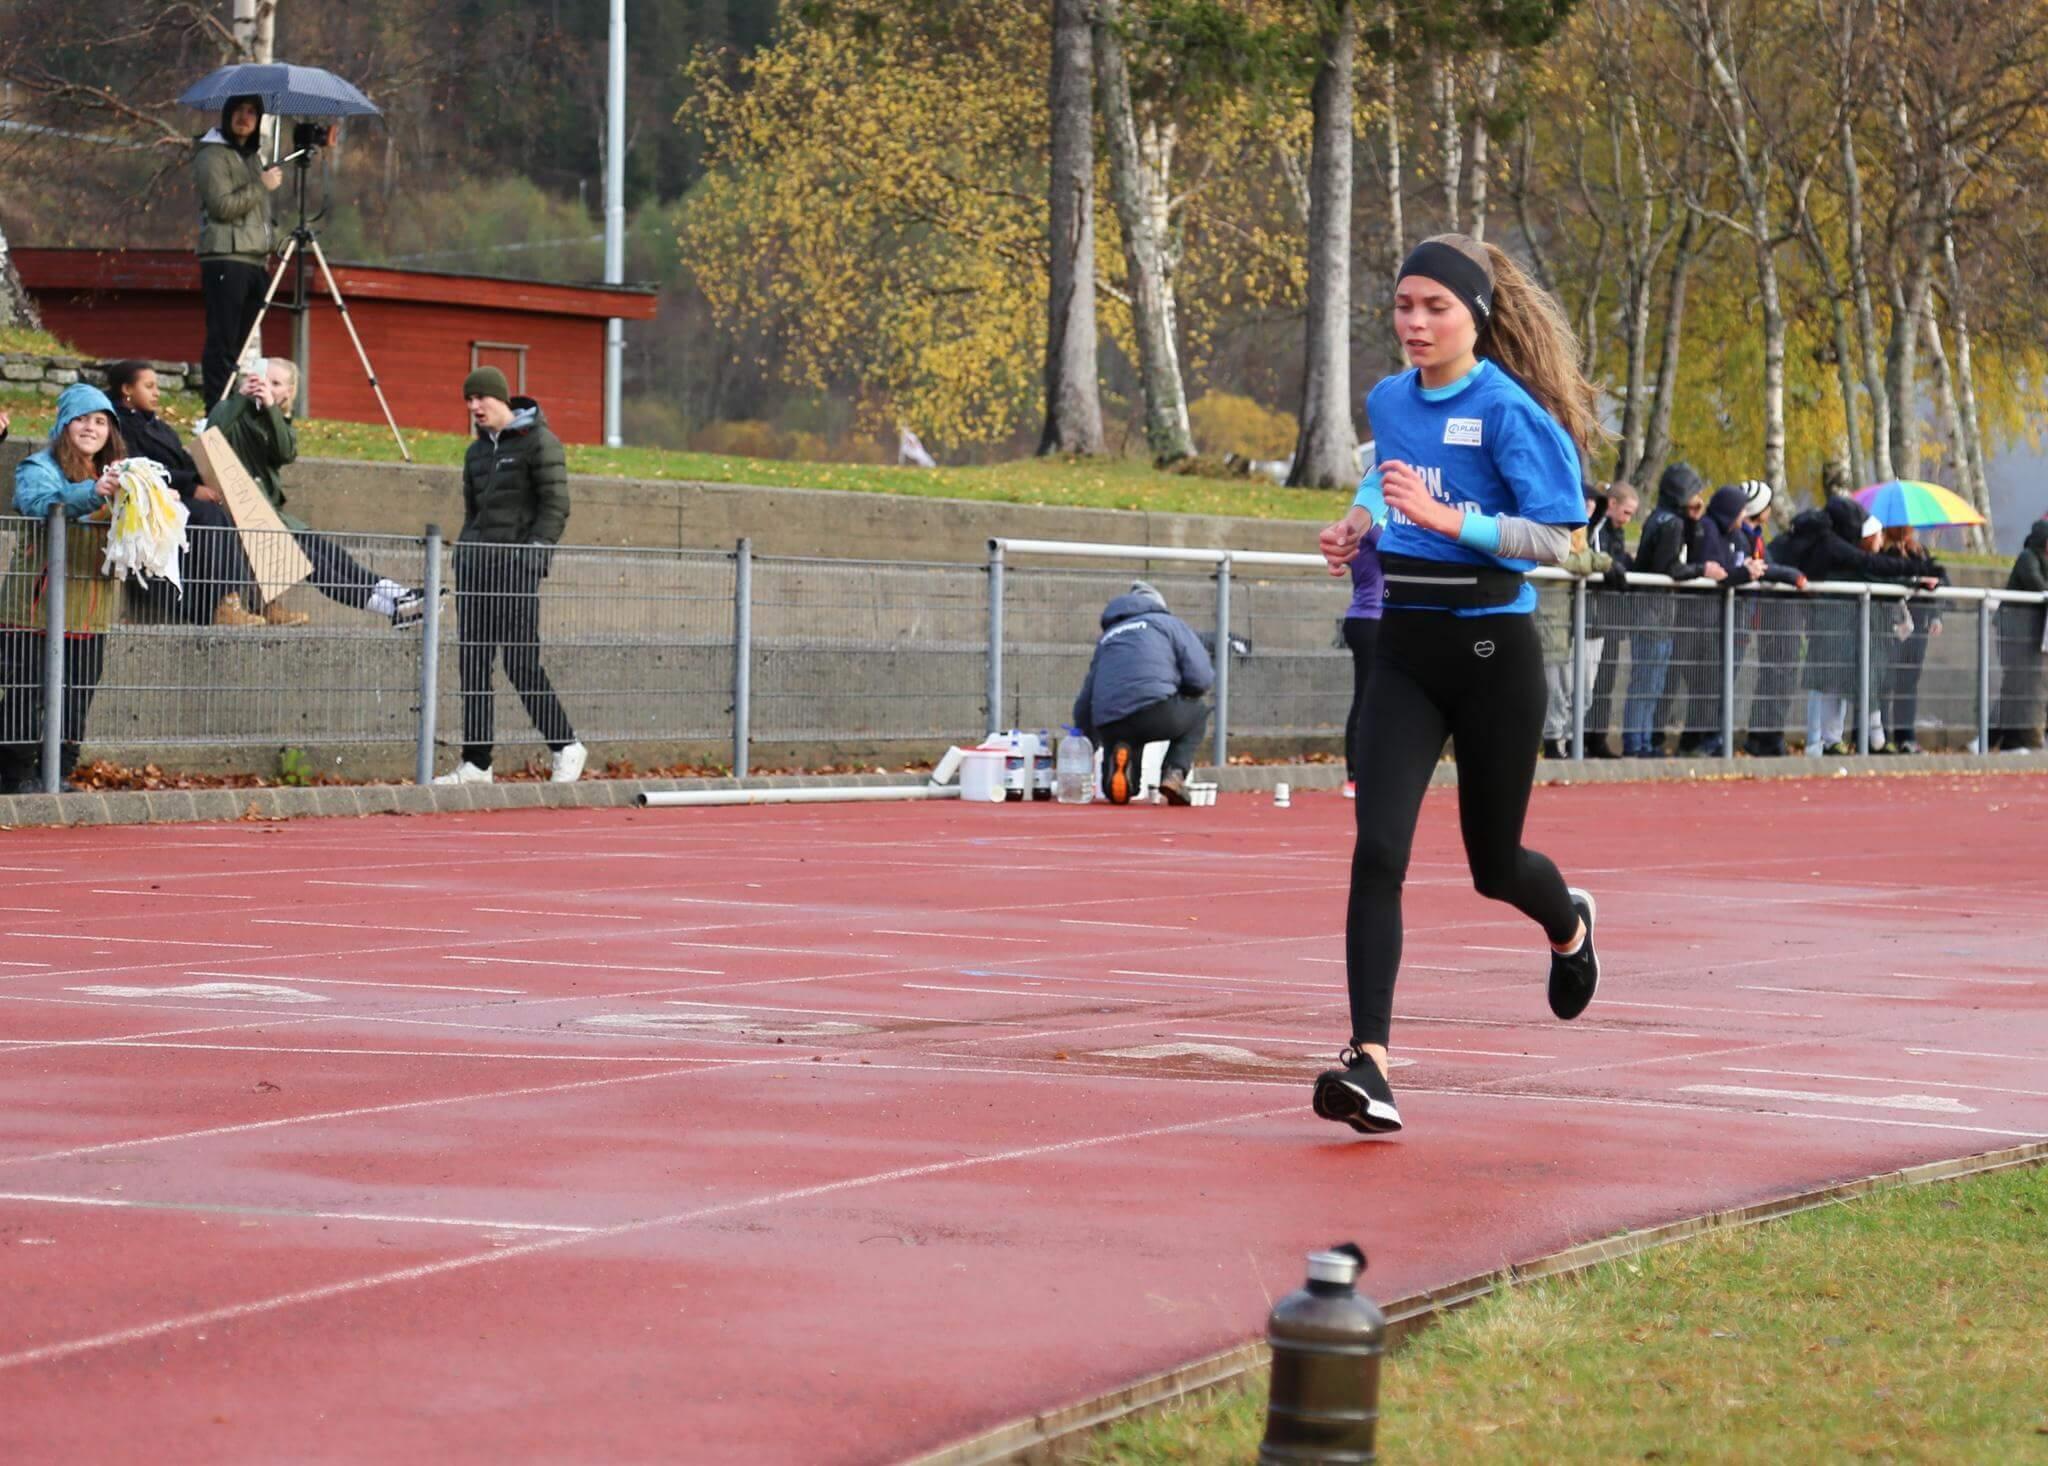 Alle løperne var fantastiske, men Frida Hatlen utmerket seg i dag. Foto: Kjærstin Berntzen